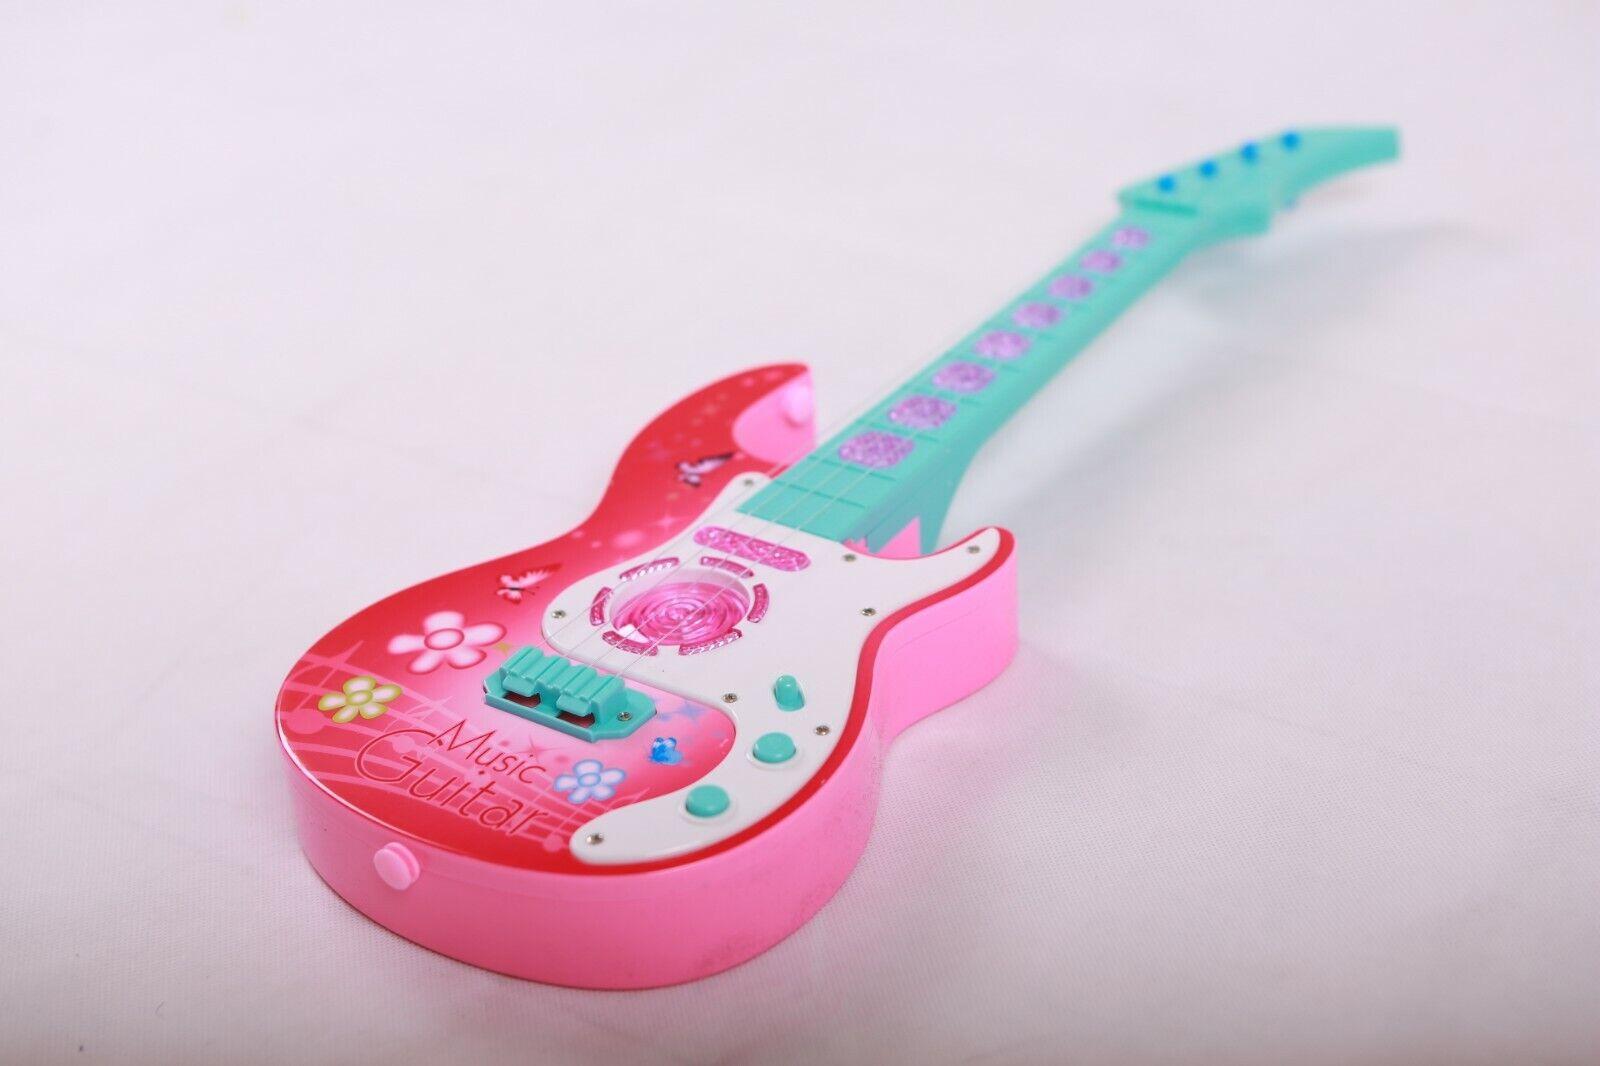 Kindergitarre Spielzeug Musik Gitarre 4 Saiten Instrument LED Licht&Sound Rosa